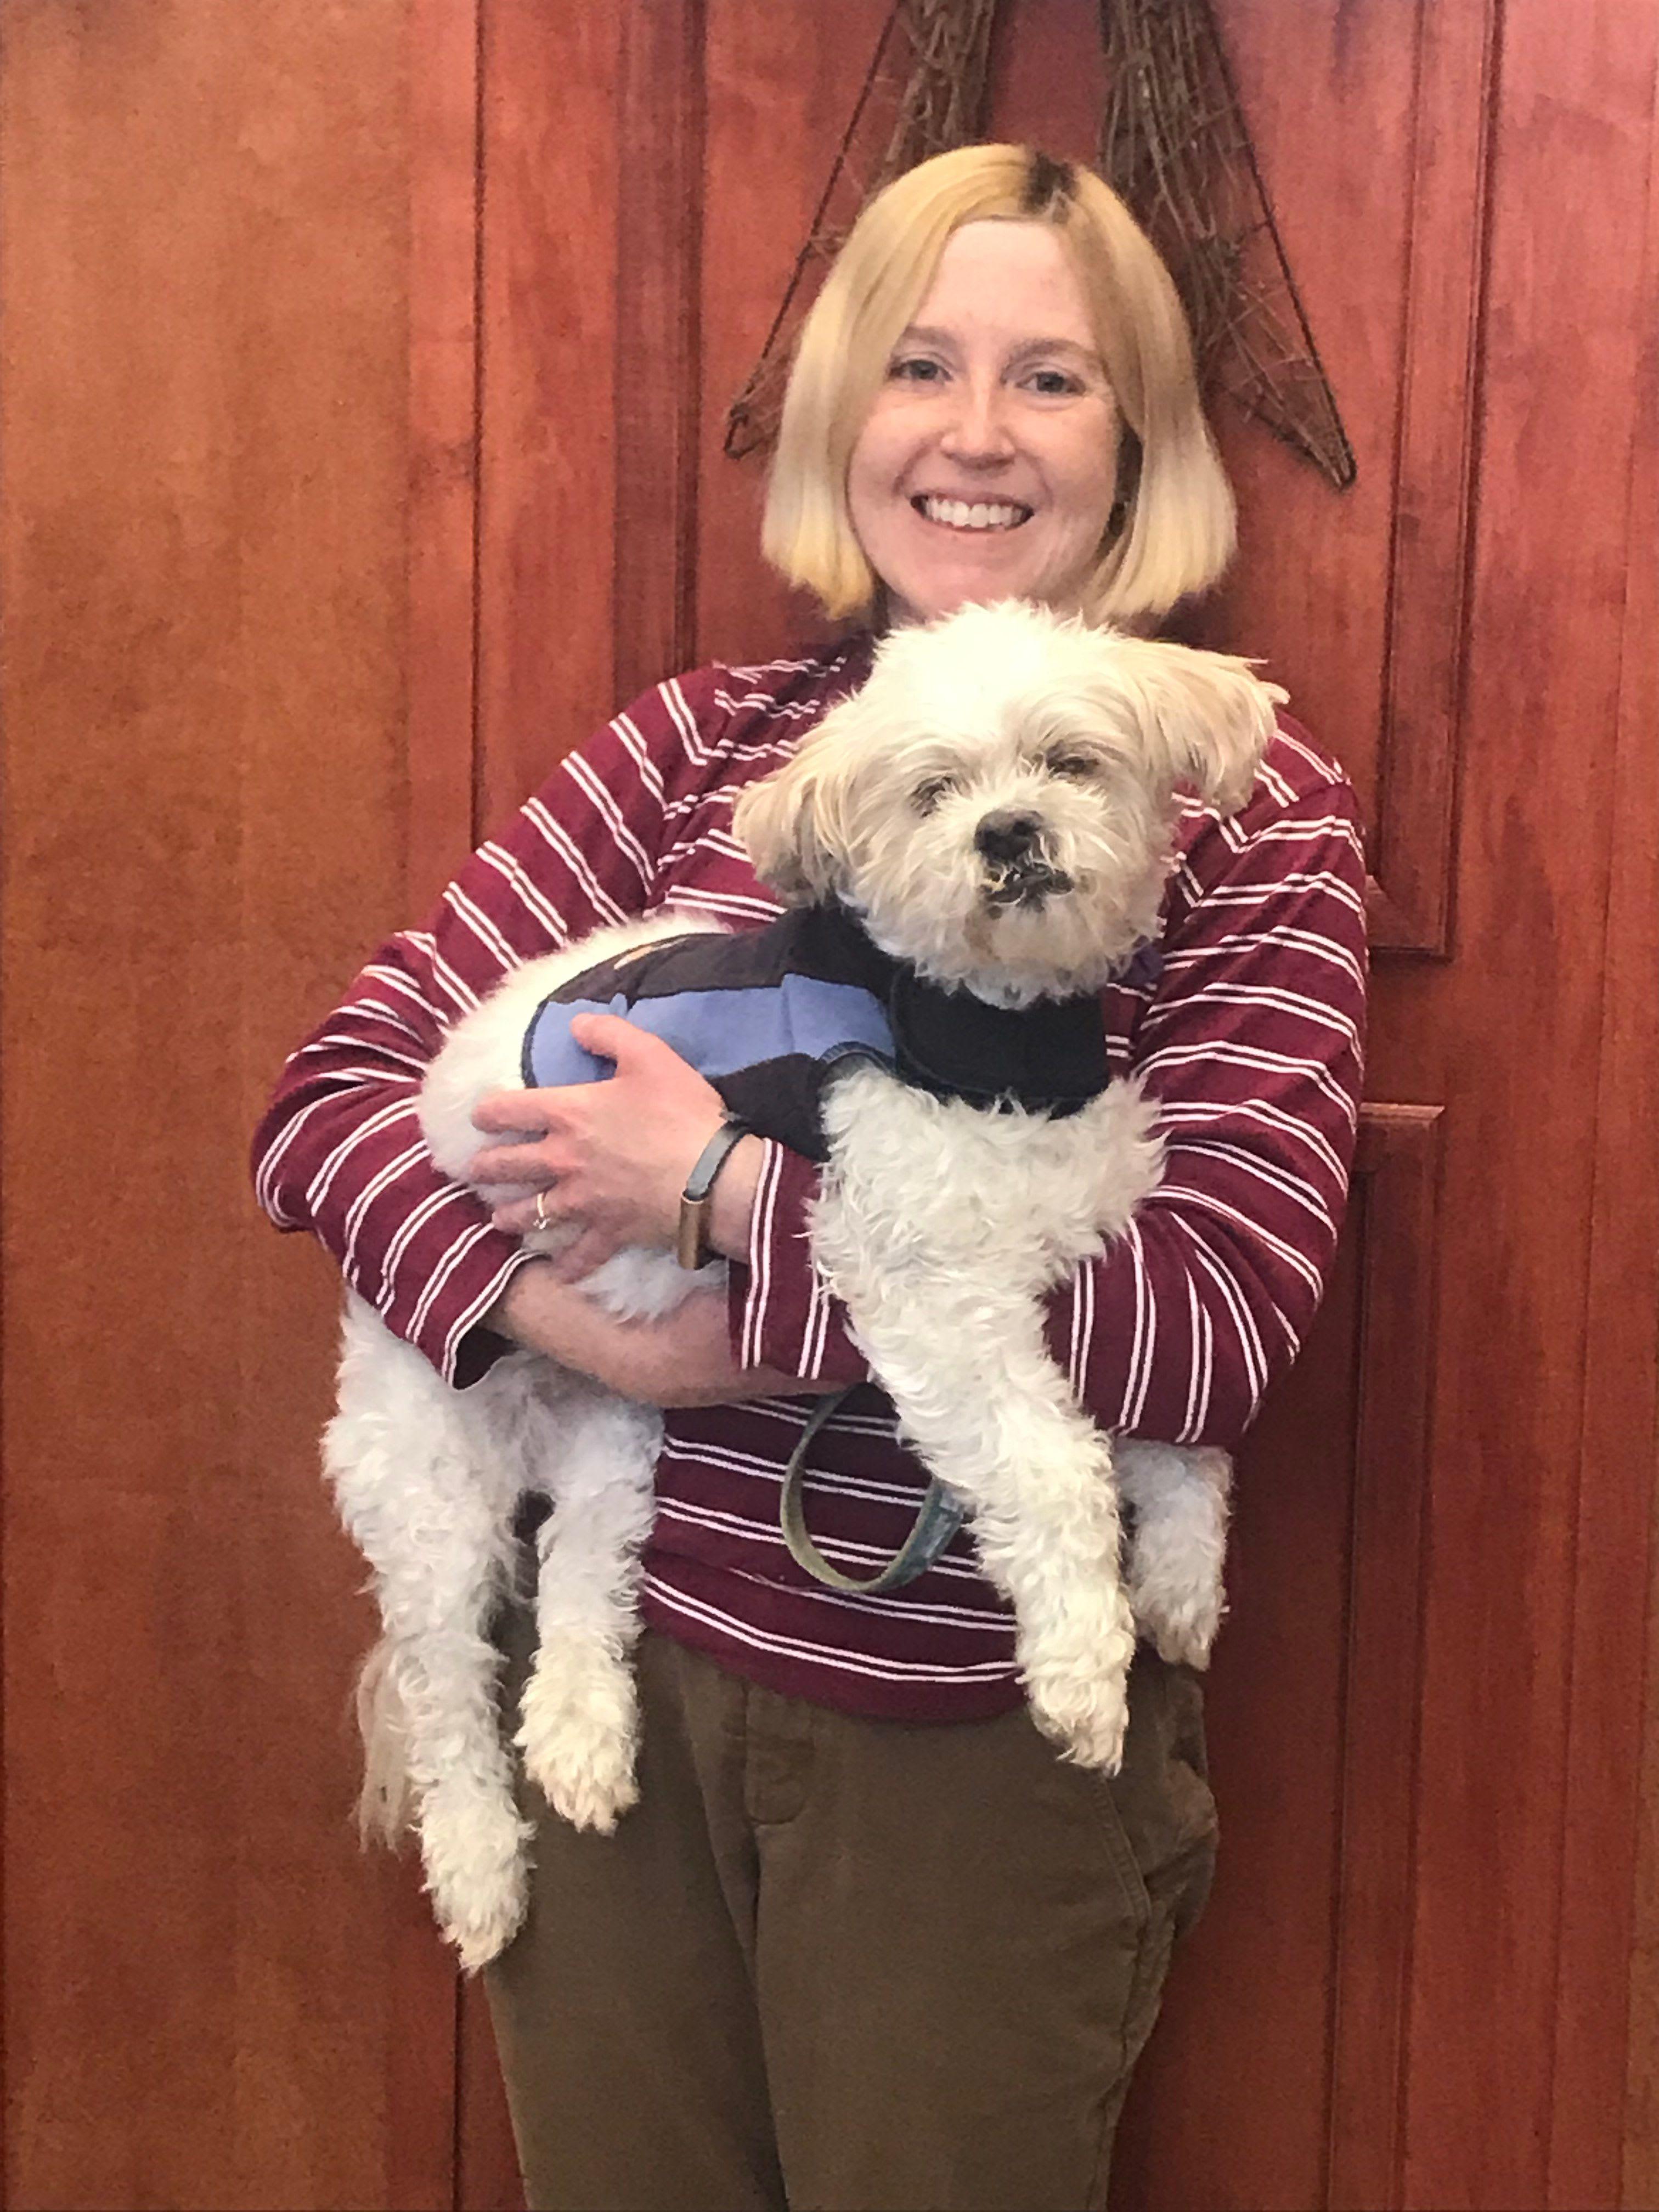 Cassie, LVT at Animal Hospital